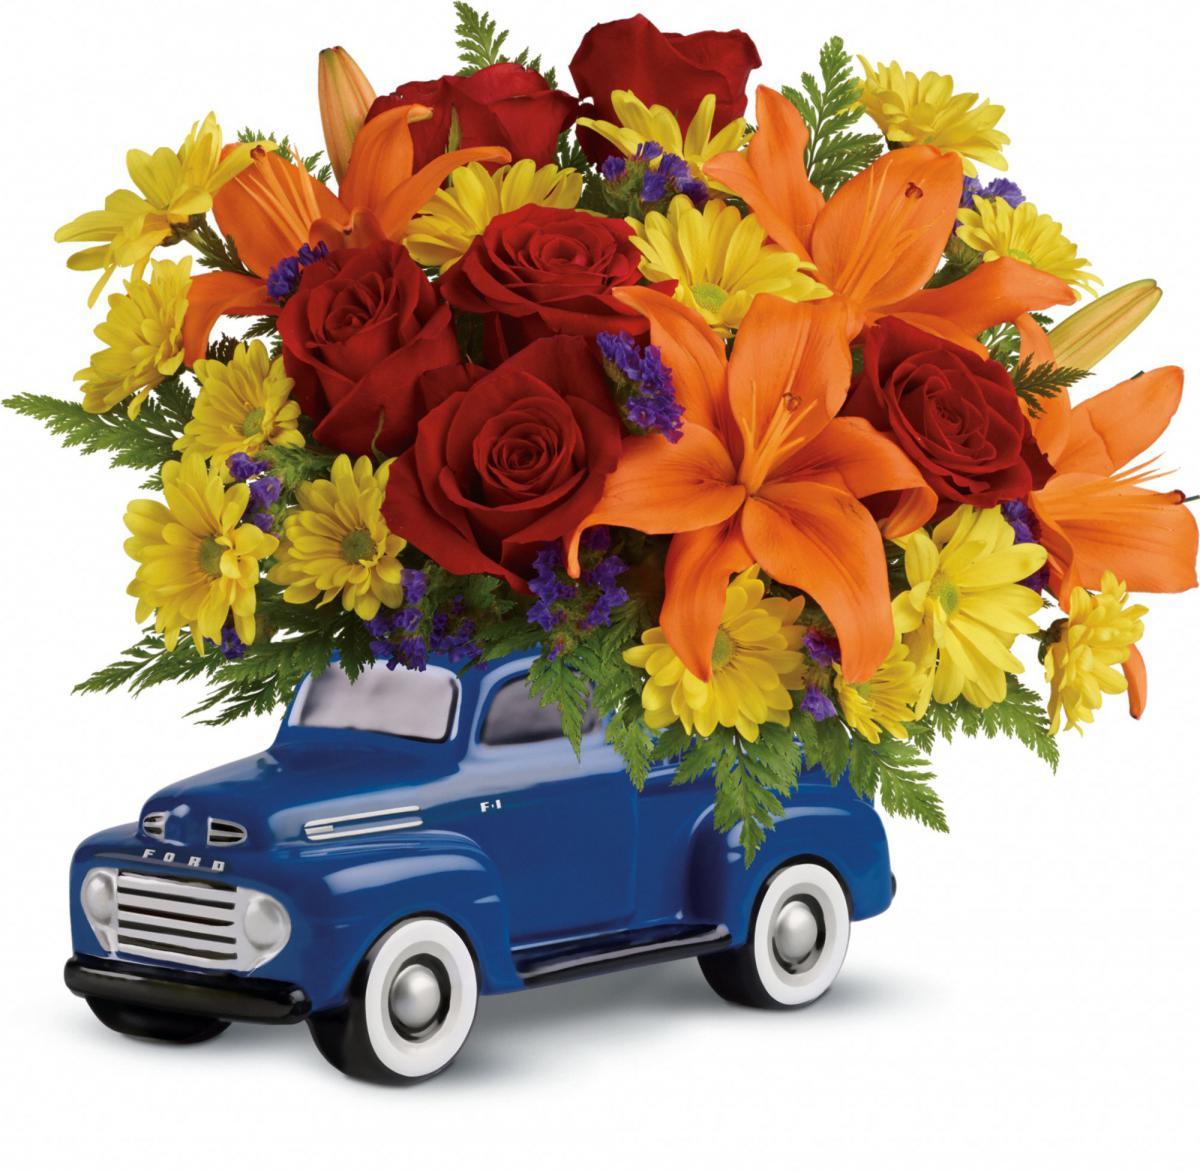 Доставка цветов на своем авто работа, букетов день